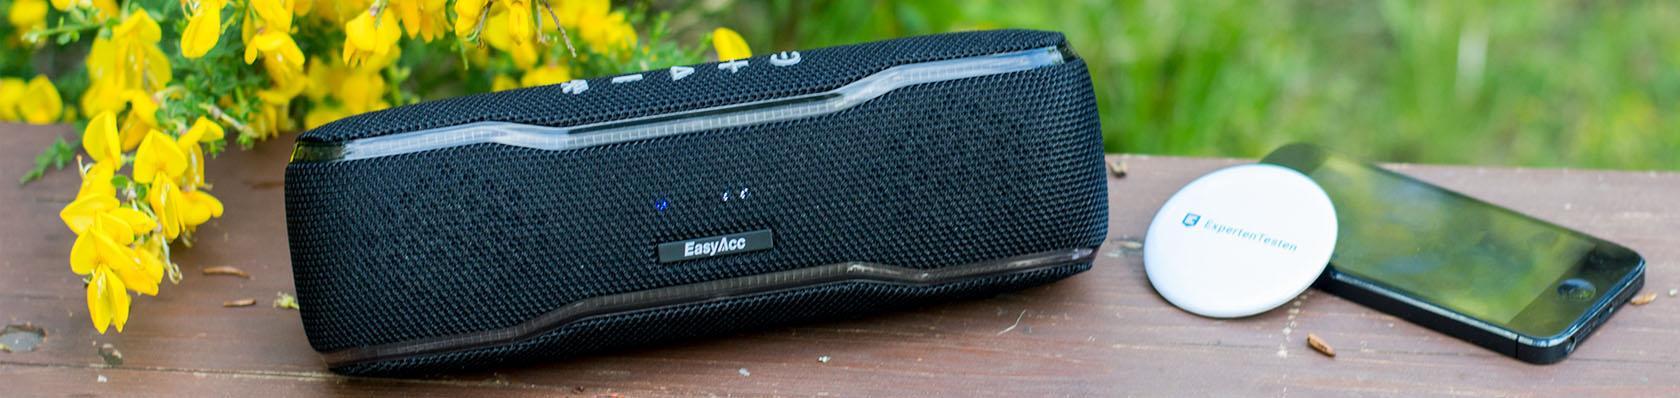 Speaker Portable im Test auf ExpertenTesten.de